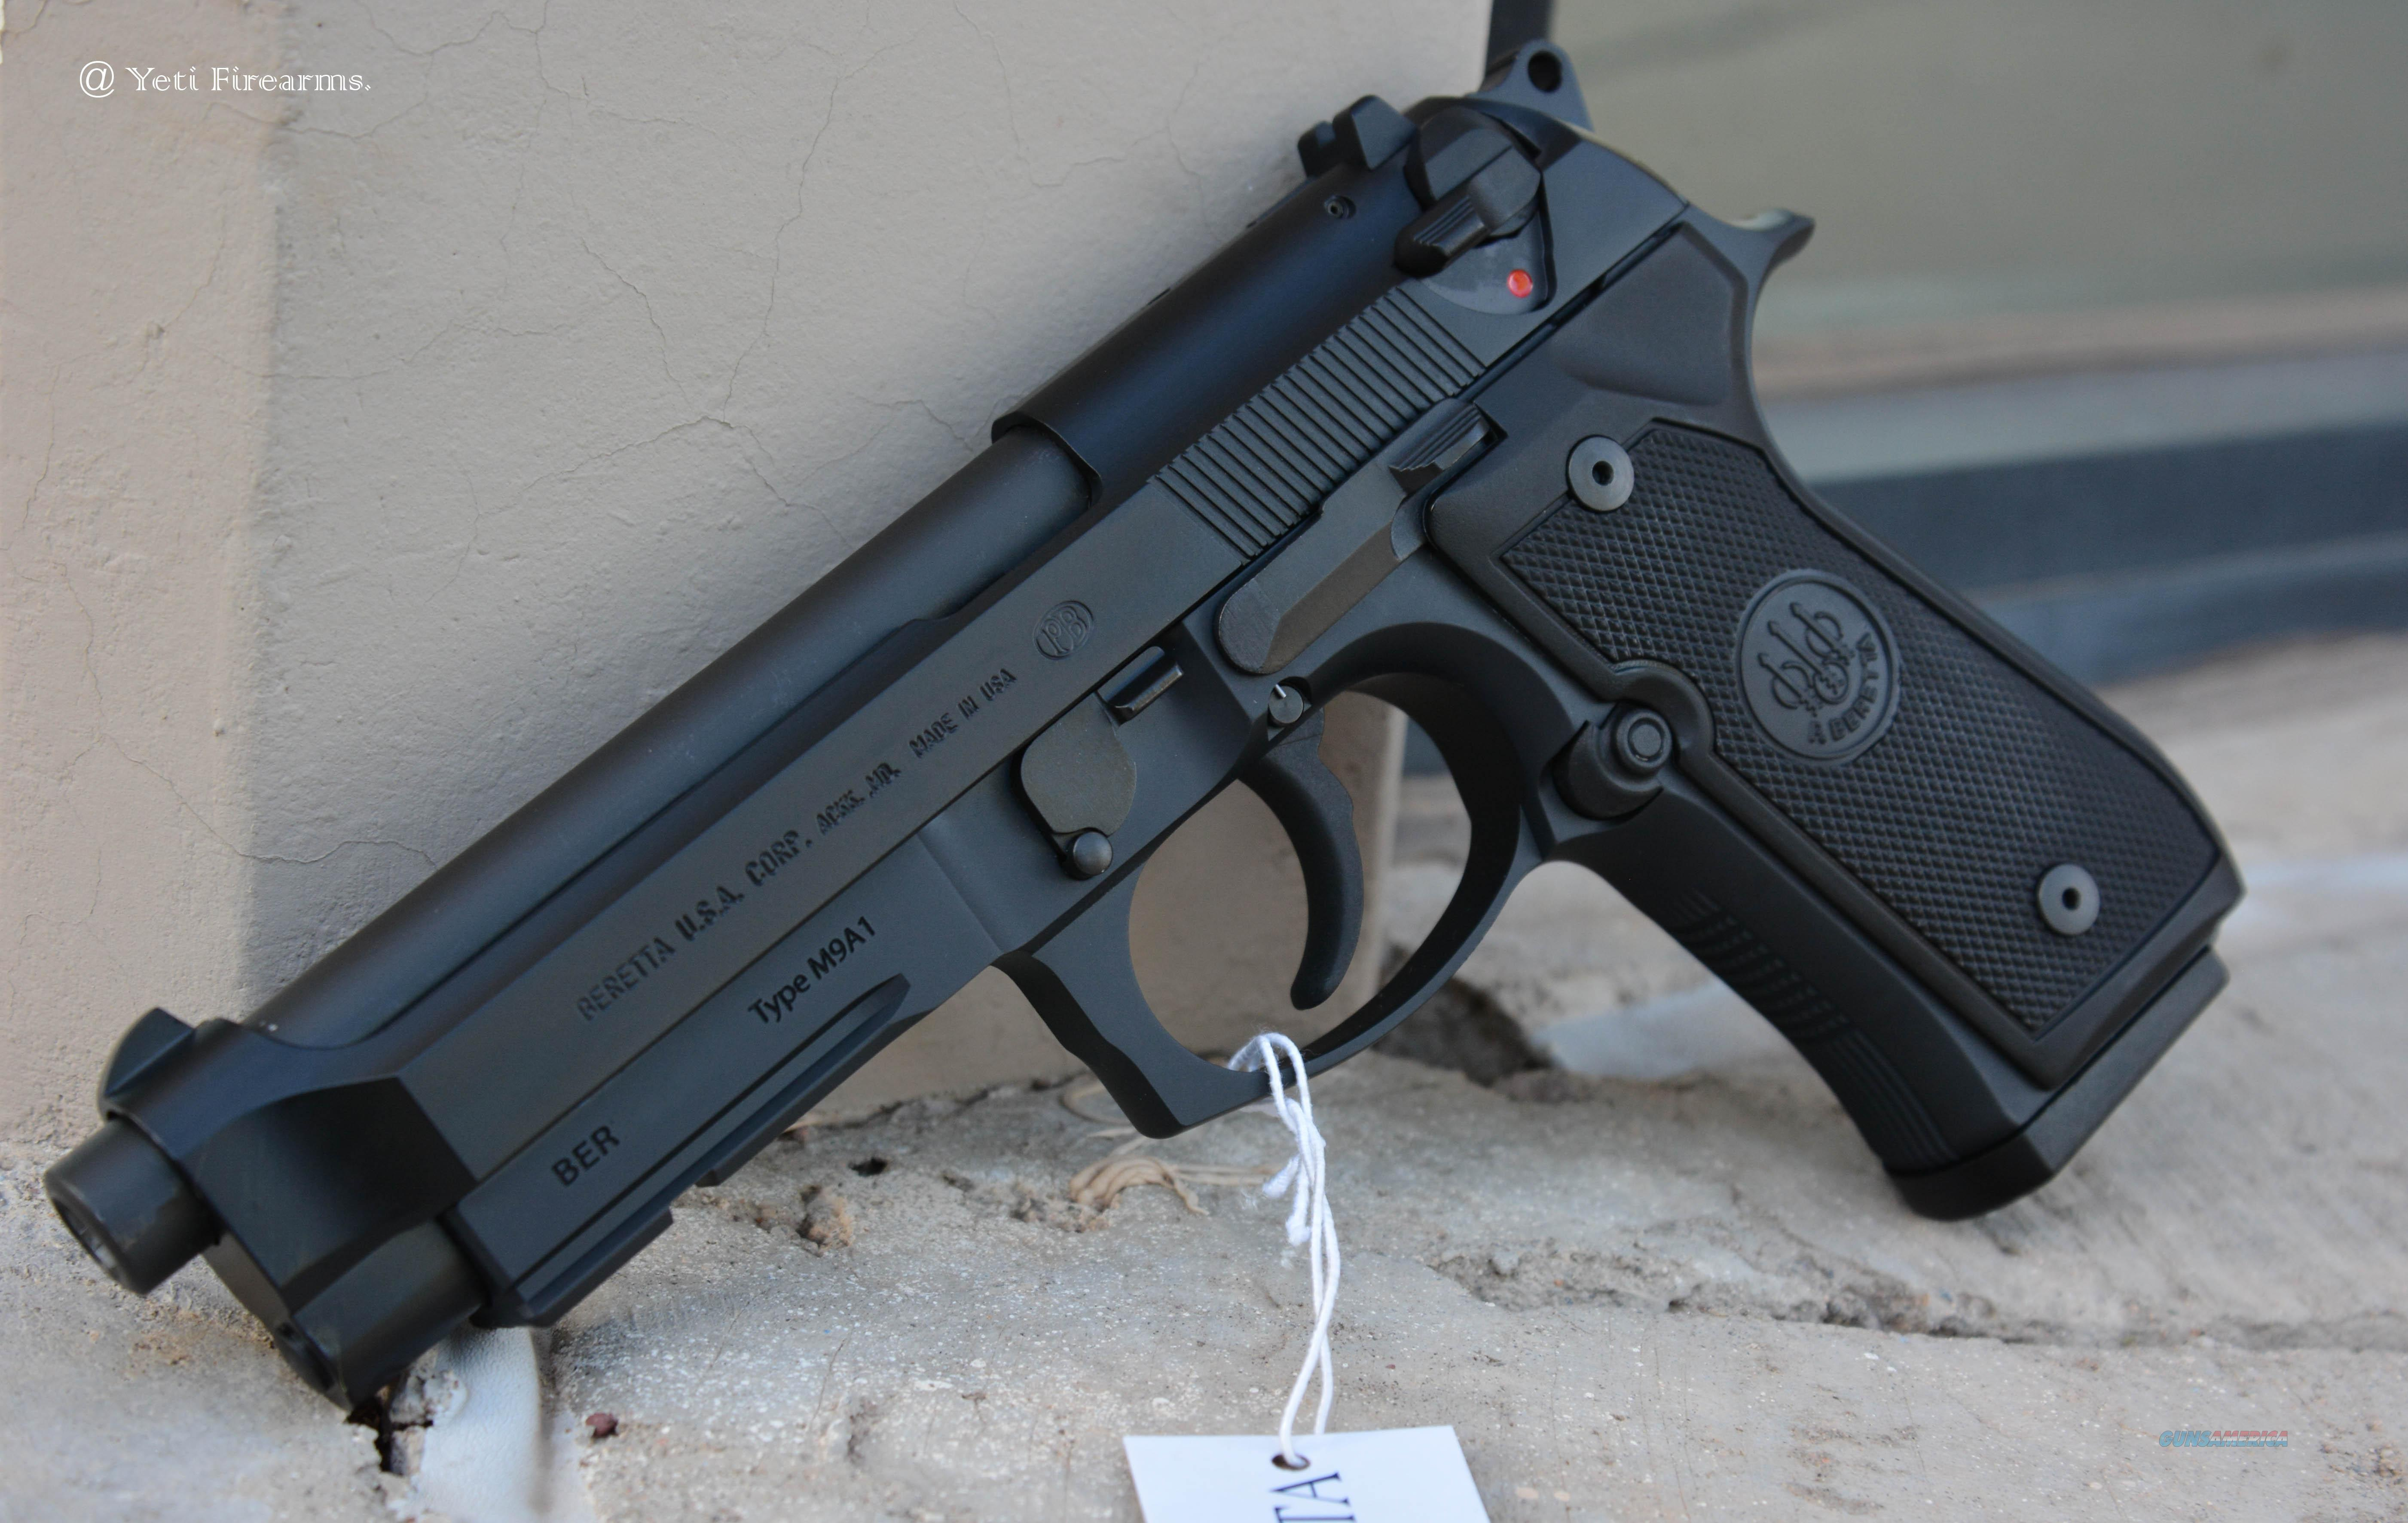 Beretta M9A1 9mm 15rnd Mags No CC Fee 92 M9 for sale